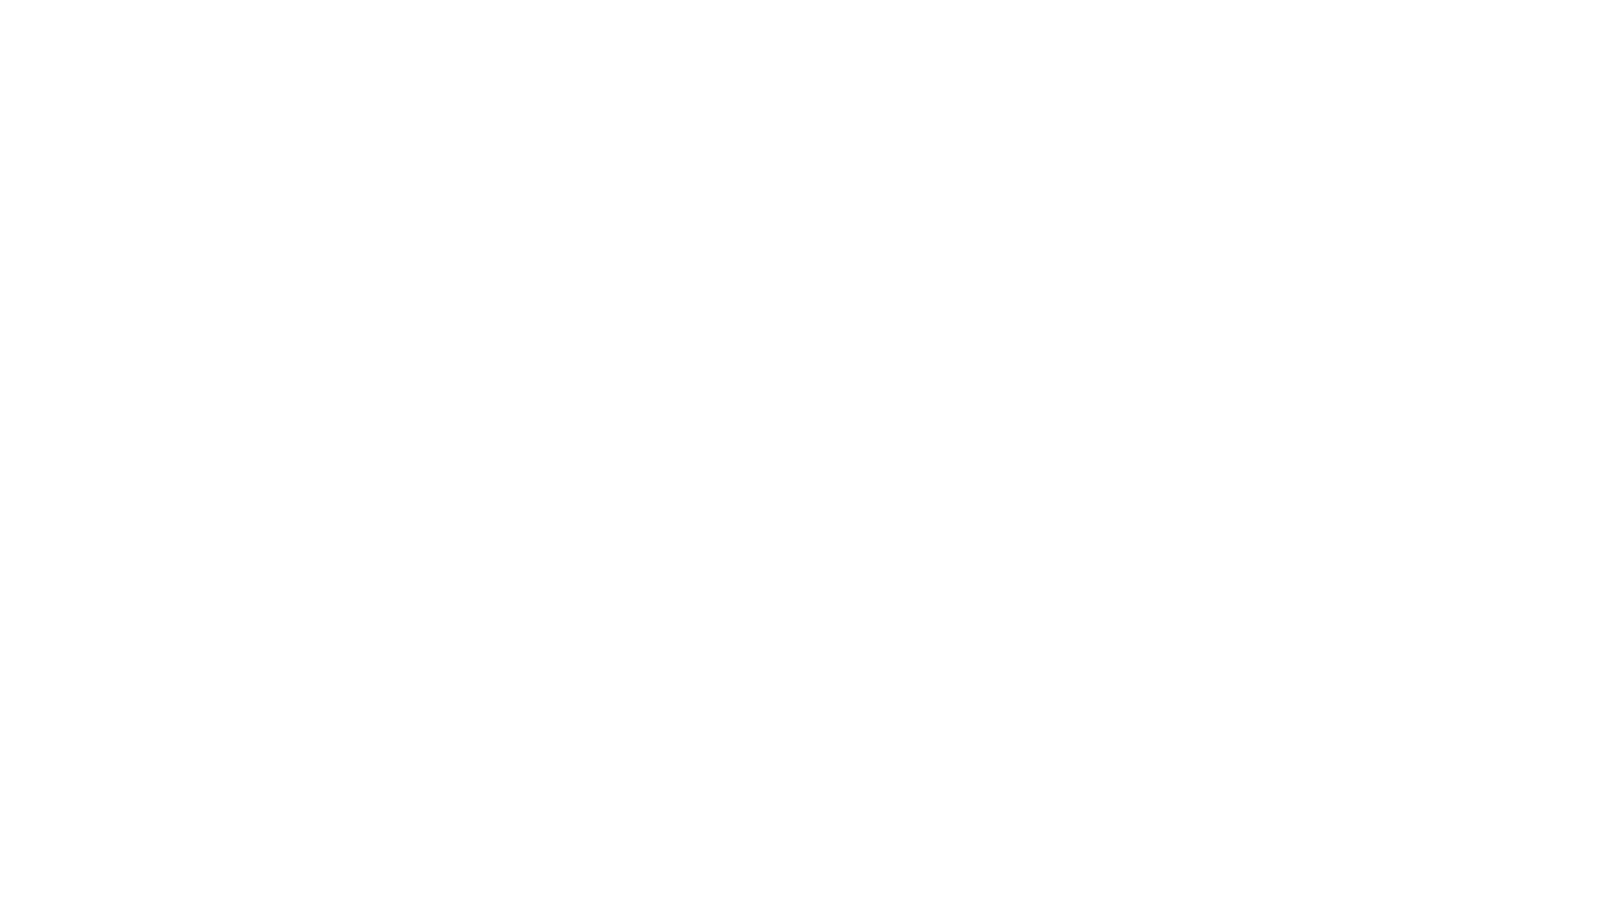 Taller de SOFTBALL para hernia discal [ Online o presencial ]  Inscripciones: http://tips.dartepilates.com  Clientes, estudiantes y profesionales aprenderemos ejercicios con softball y su aplicación en casos de hernia discal lumbar. - Se puede vivir con hernia discal lumbar sin dolor. - Siéntate, levanta peso y agáchate de forma segura. - Ejercicios para una espalda sana. - 12 básicos con softball para fortalecer el core.  por Debora Taddei en DARTE Pilates Marbella (online o presencial)  Inscríbete en: http://tips.dartepilates.com Telfs: 952 853 220 / 607 205 535  #DarteTips #DartePilates #DartePilatesMarbella